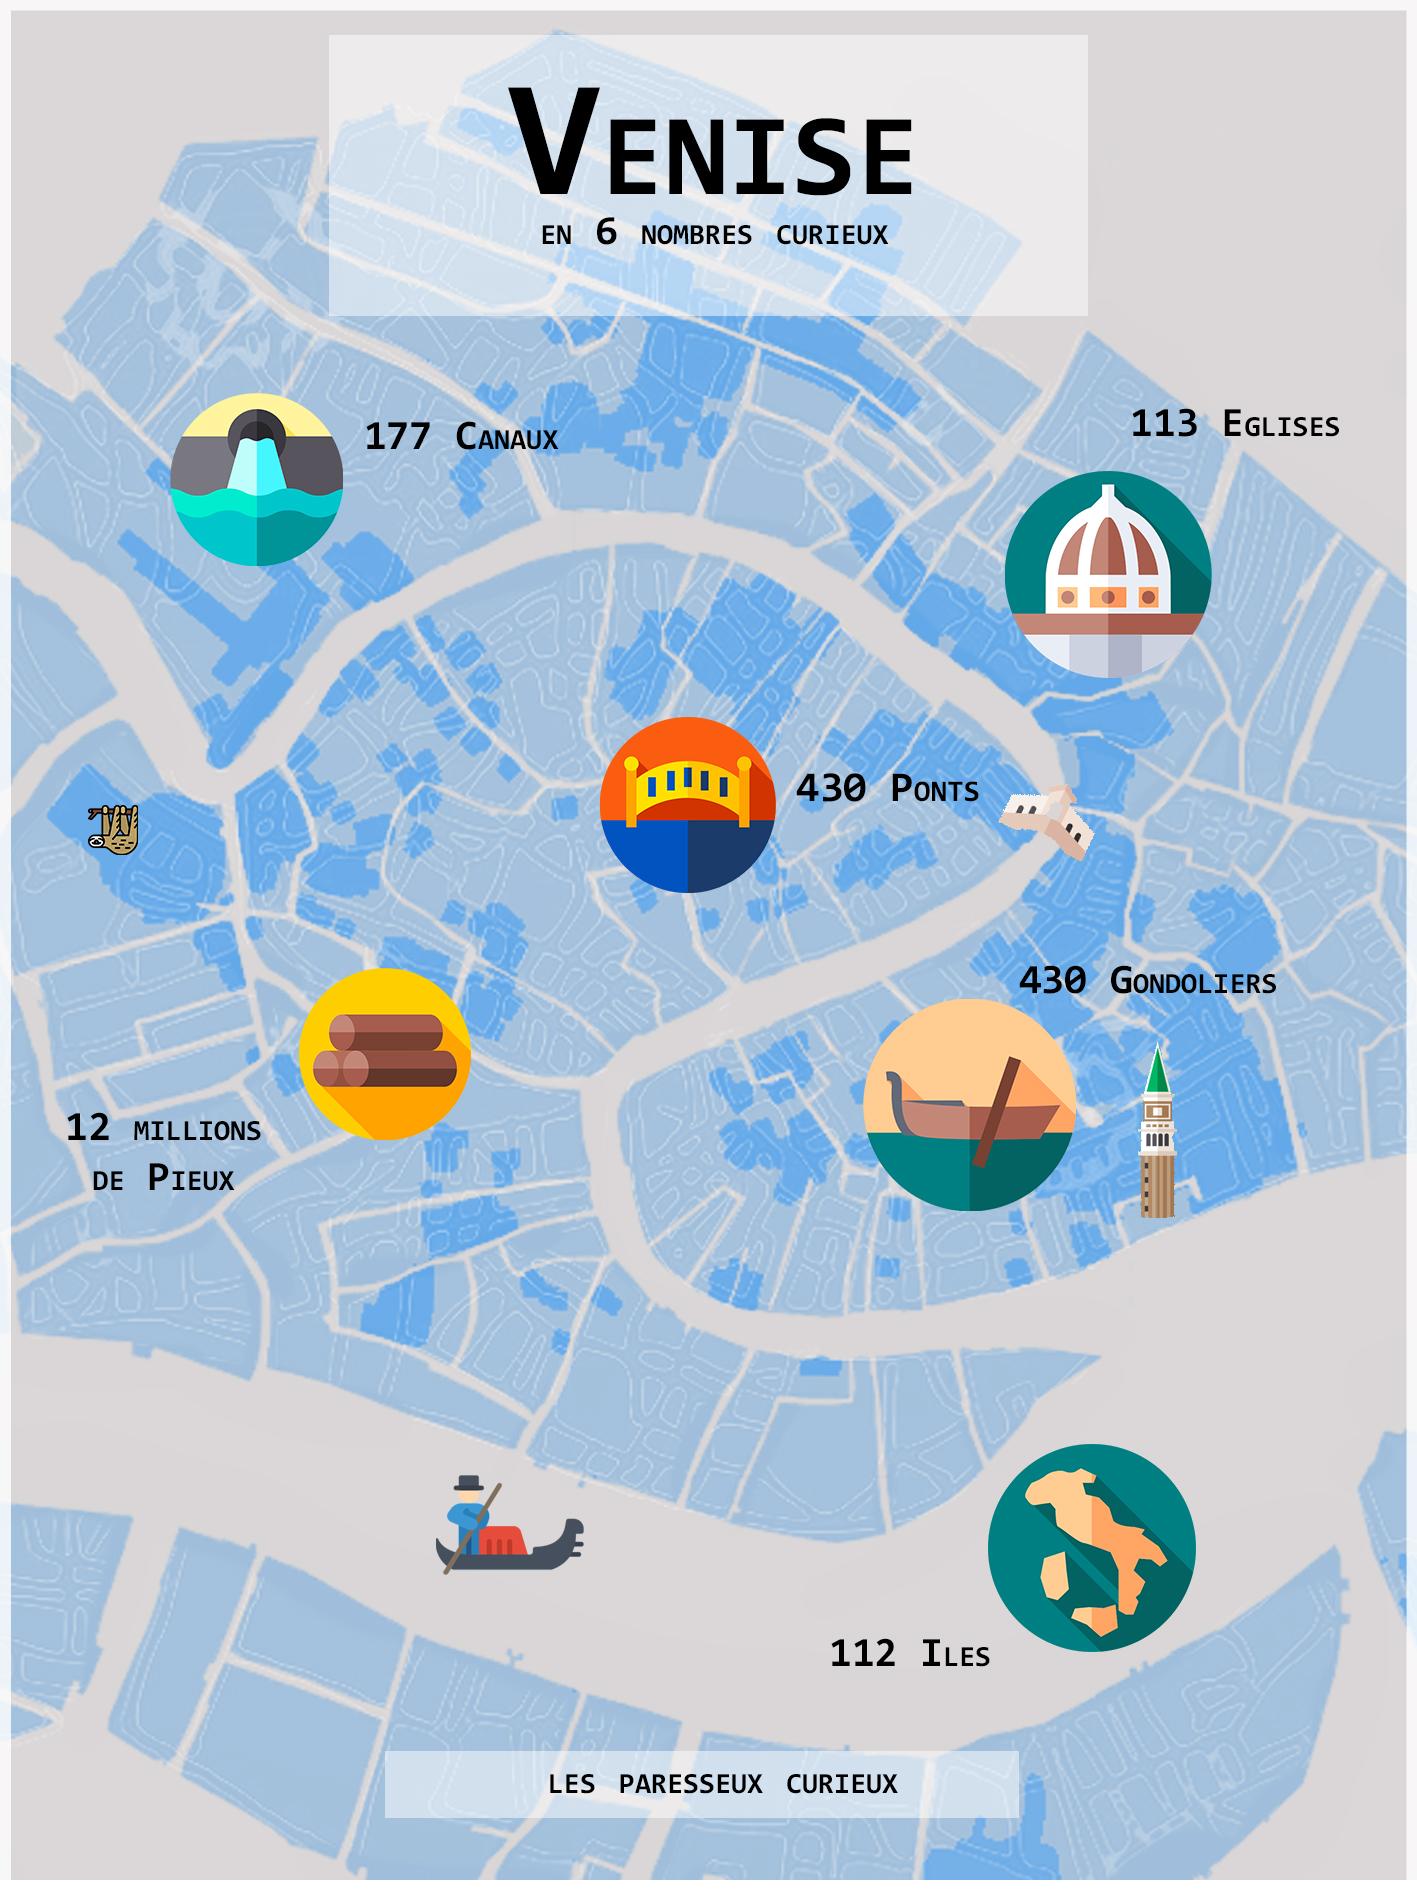 infographie venise